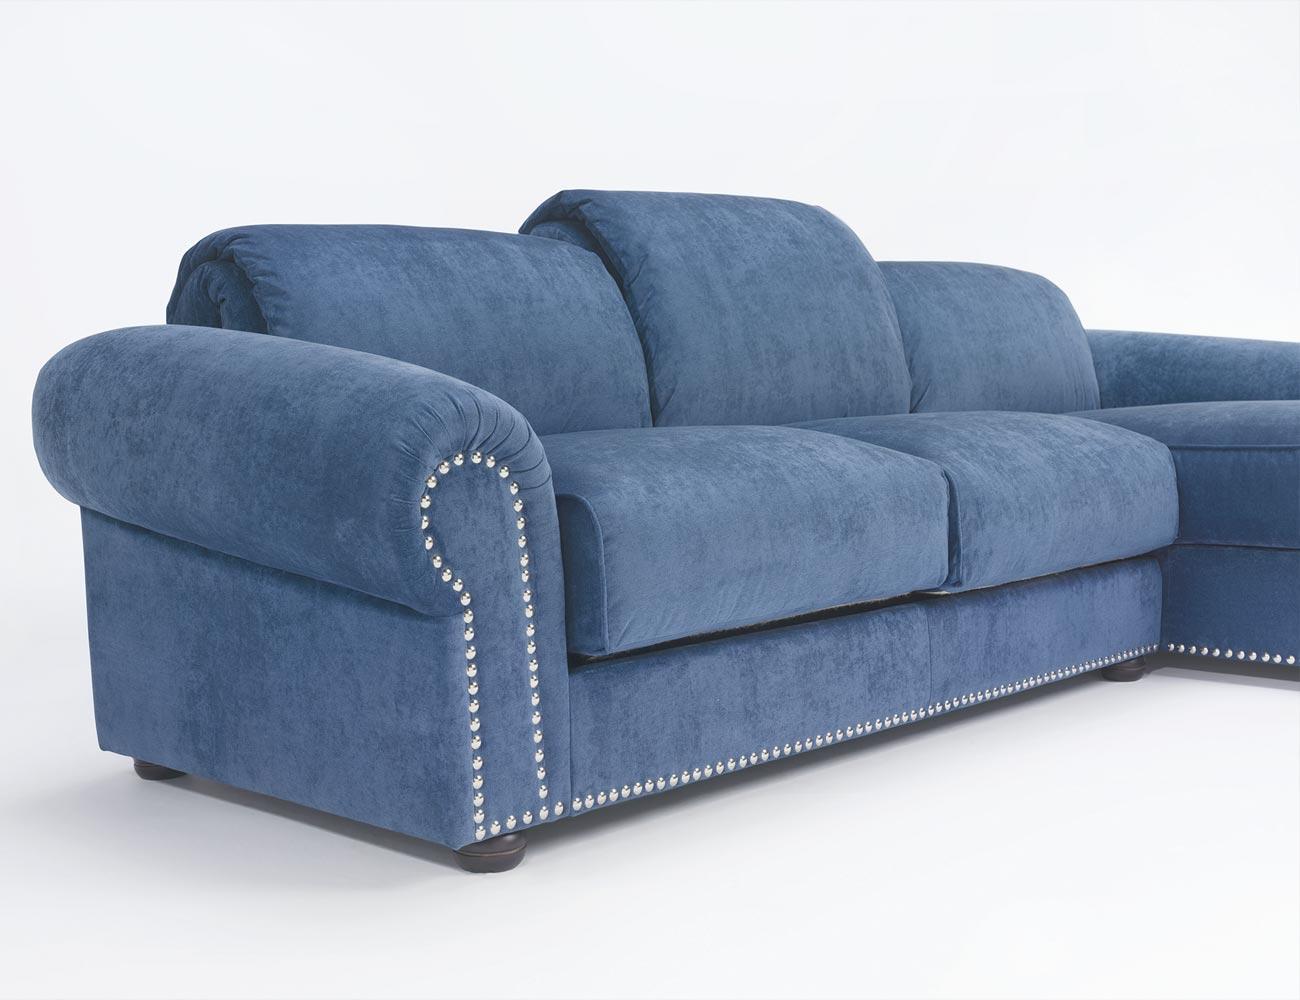 Sofa chaiselongue gran lujo decorativo azul 128